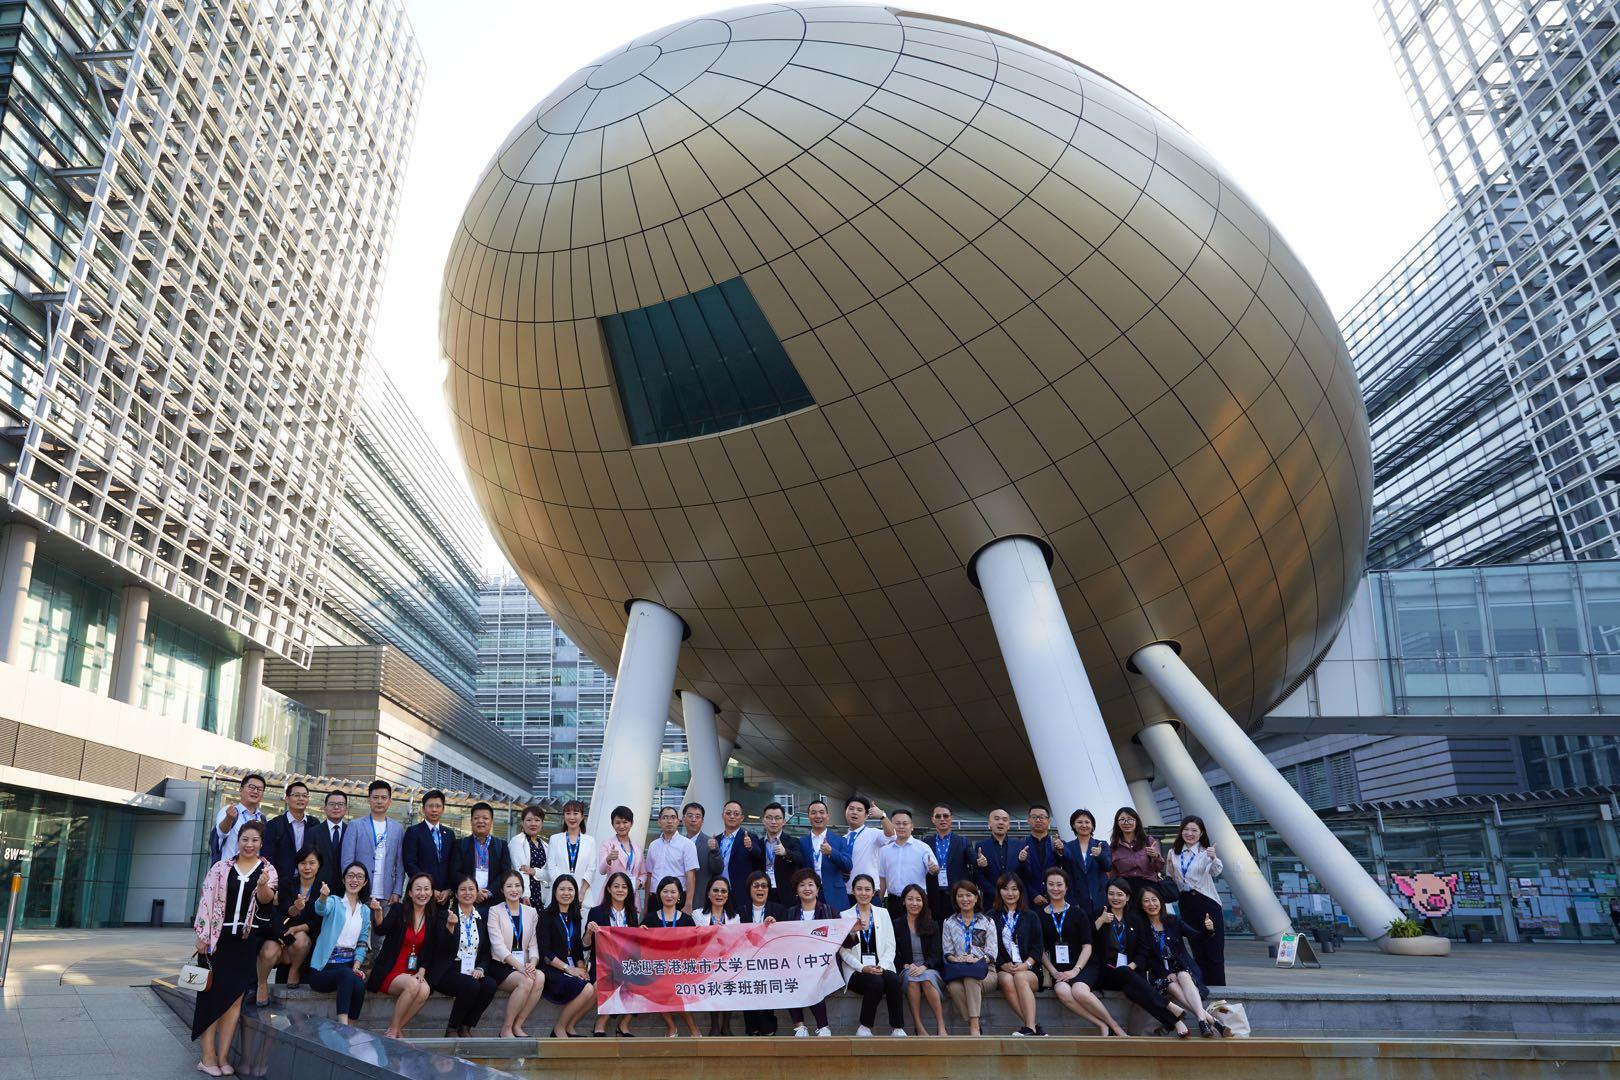 校友札记 | EMBA2.0:清新、前沿、国际范 - 香港城大EMBA中文班 2019秋 新生画像